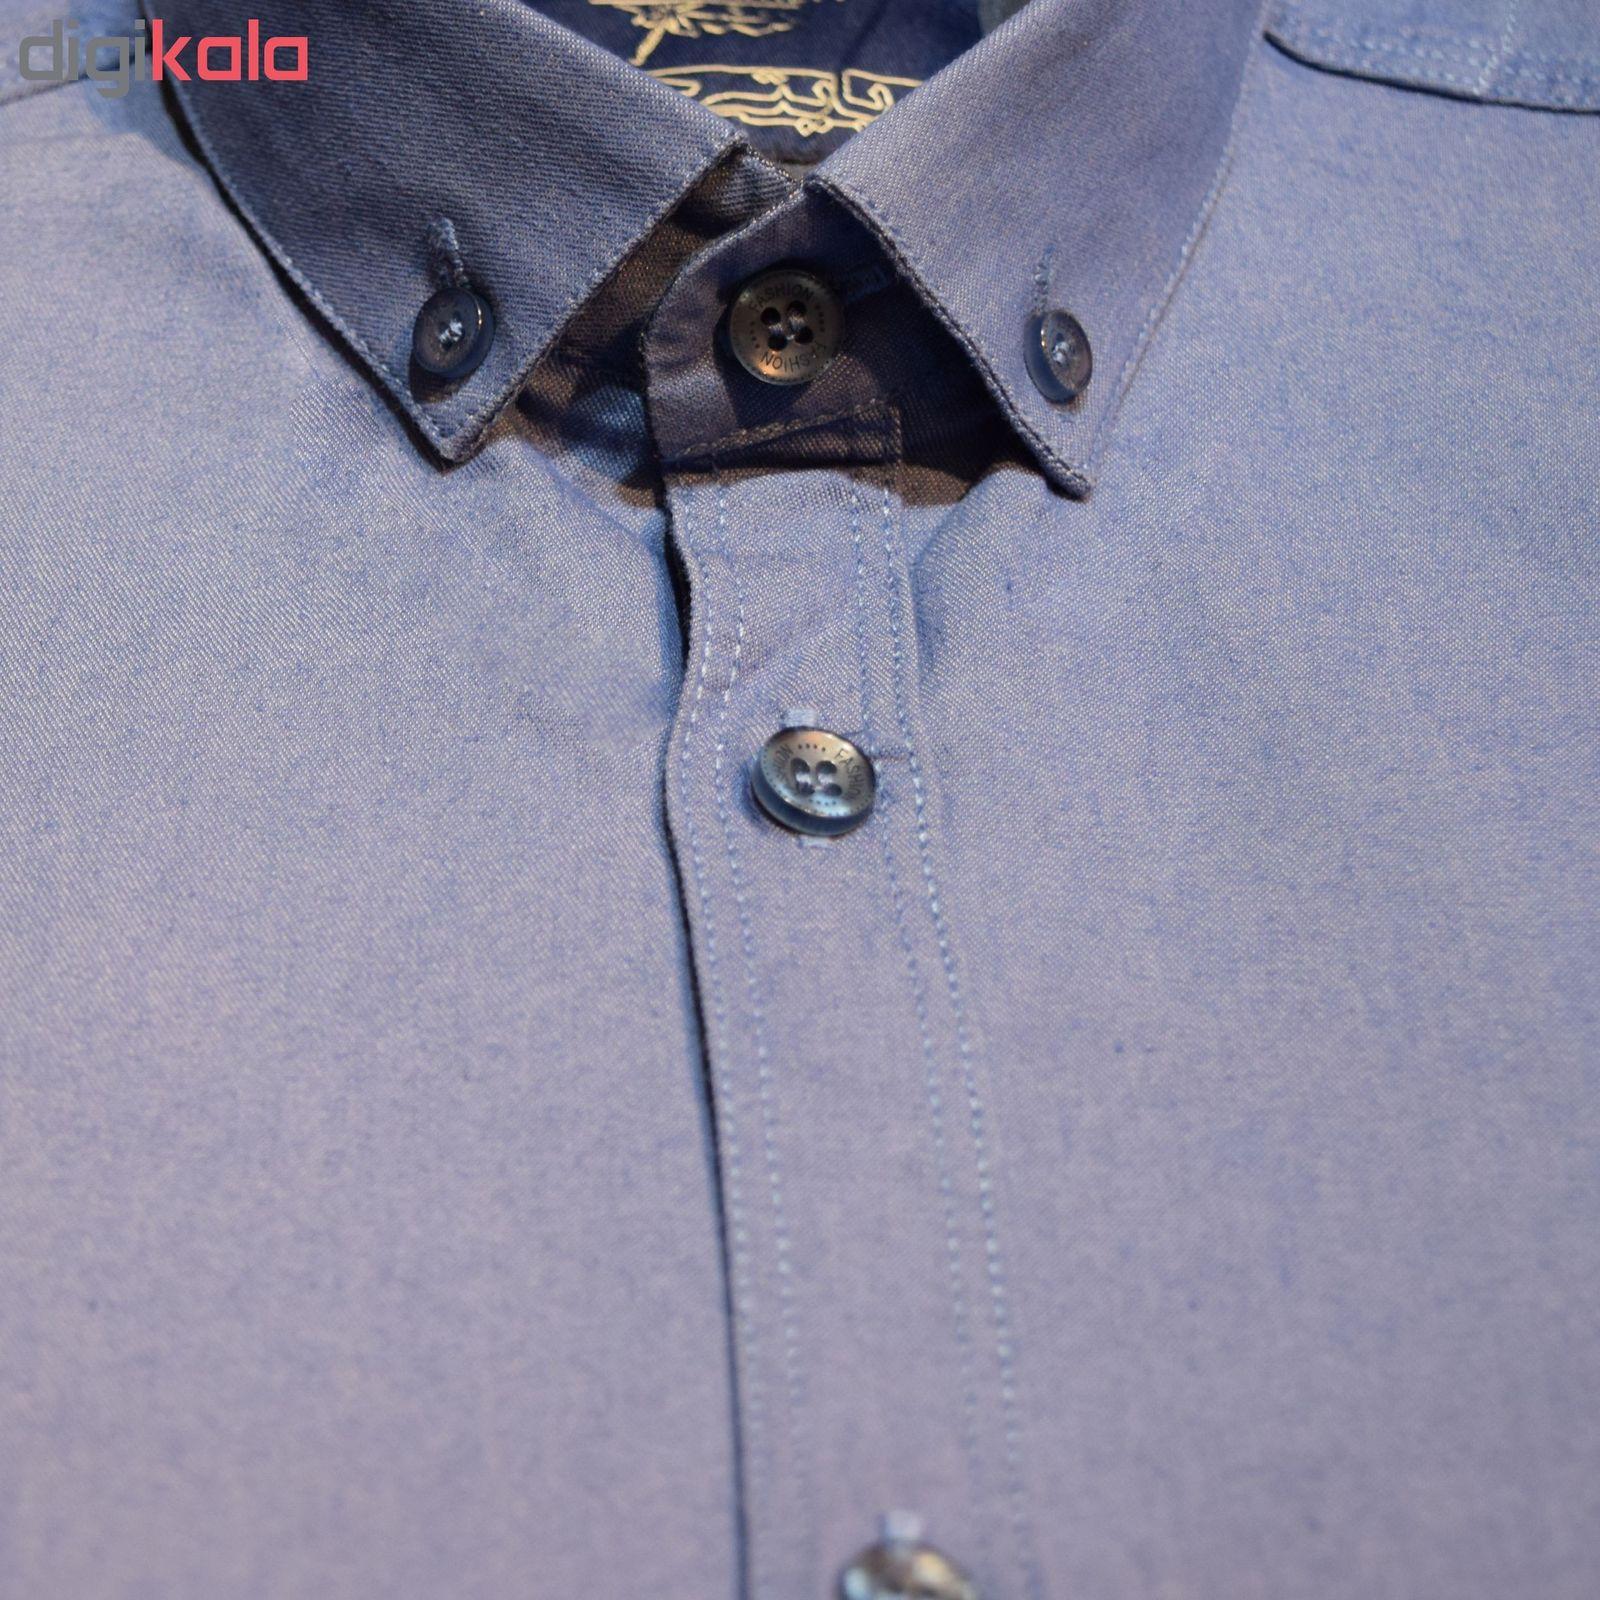 پیراهن مردانه پایتی جامه کد 1891615 main 1 7